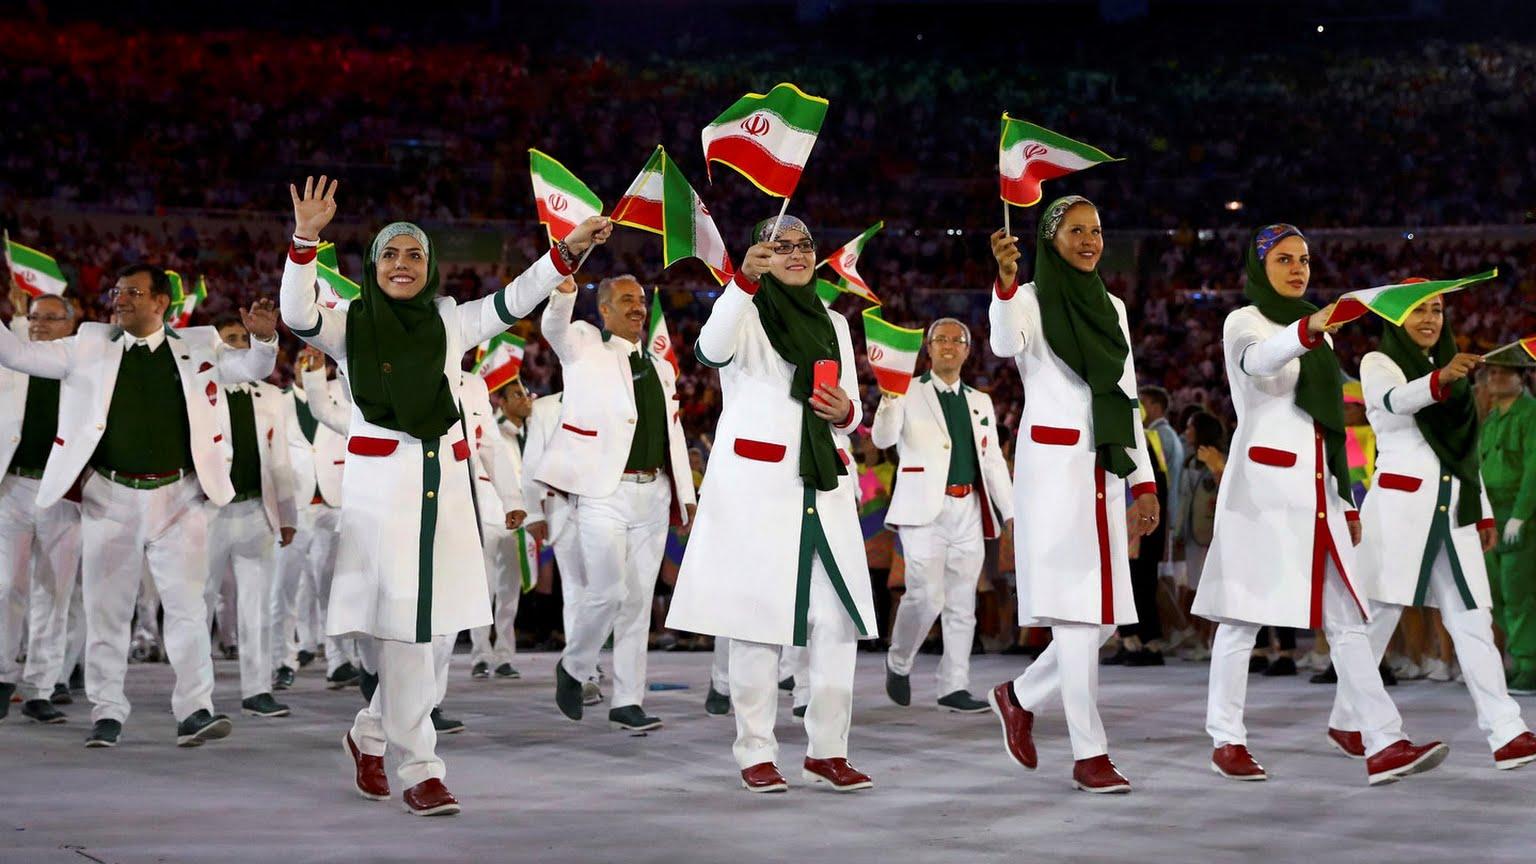 فیلم رژه کامل کاروان امام رضا (ع) در المپیک ۲۰۱۶ ریو